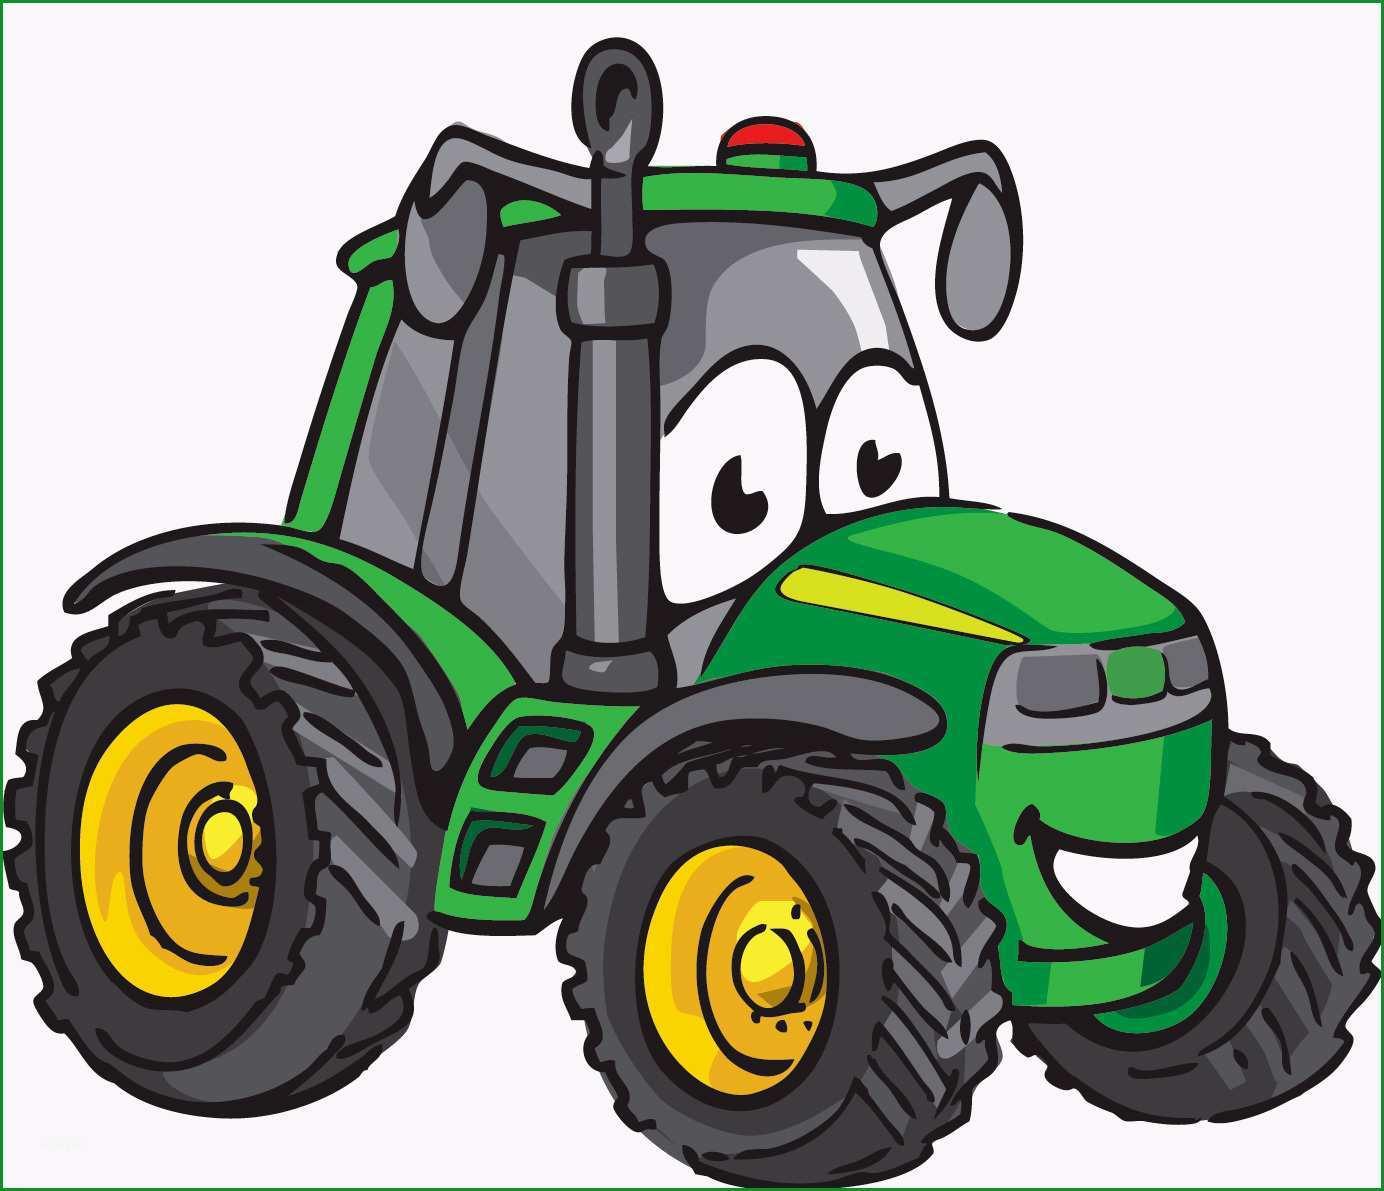 noch nie da gewesen jugendlicher kam mit traktor